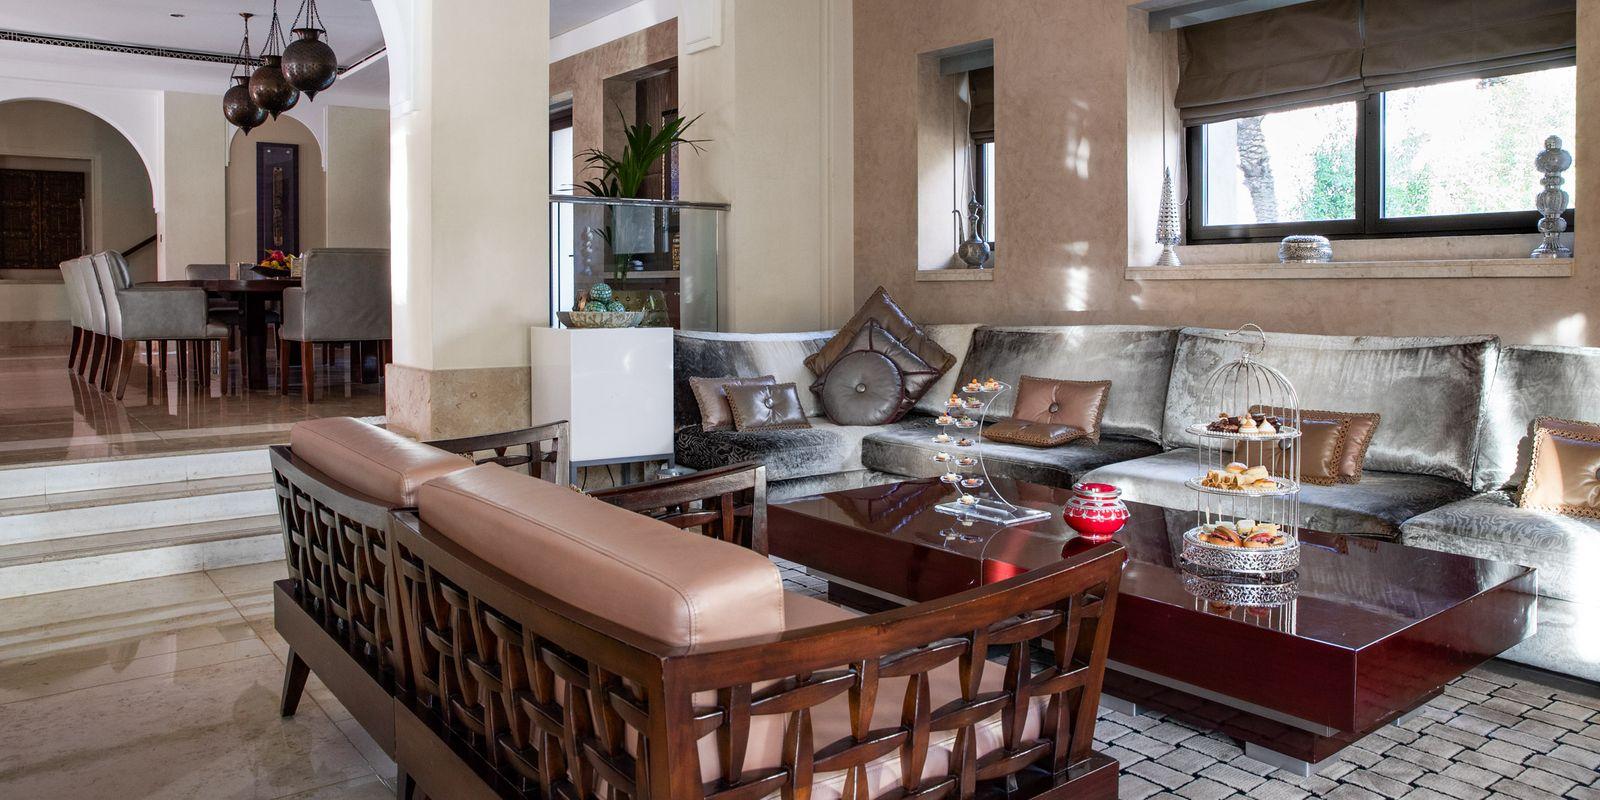 Оаэ madinat jumeirah виллы за закон о недвижимости за рубежом